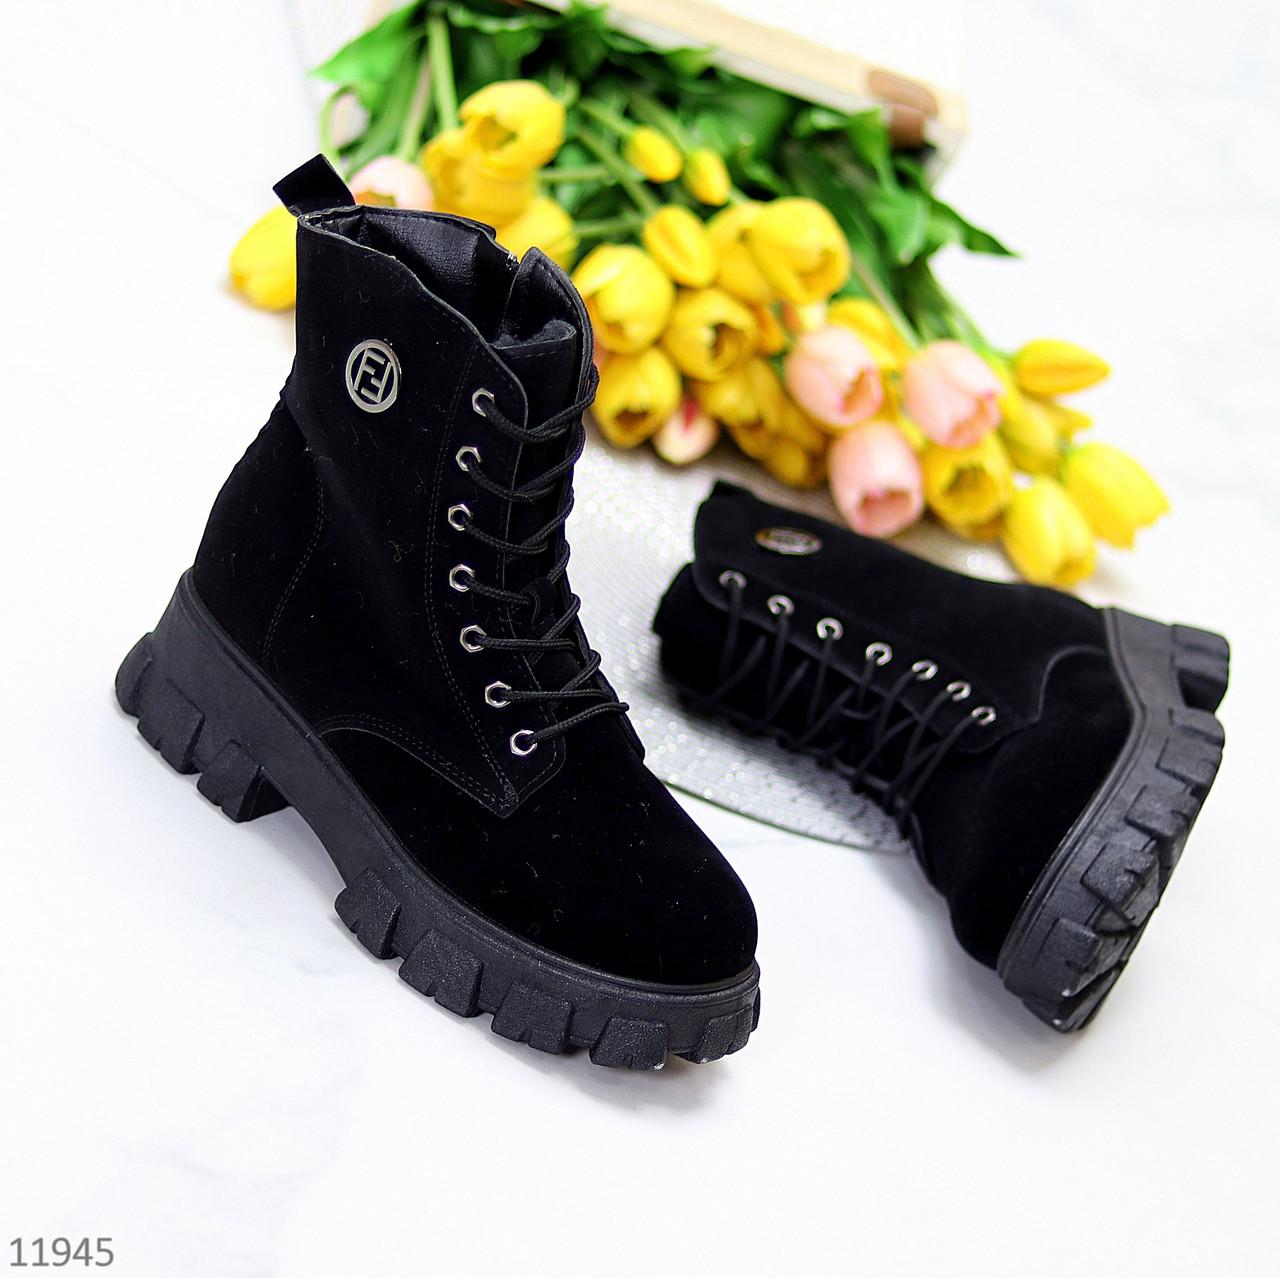 Повсякденні жіночі чорні замшеві зимові черевики блискавка + шнурівка